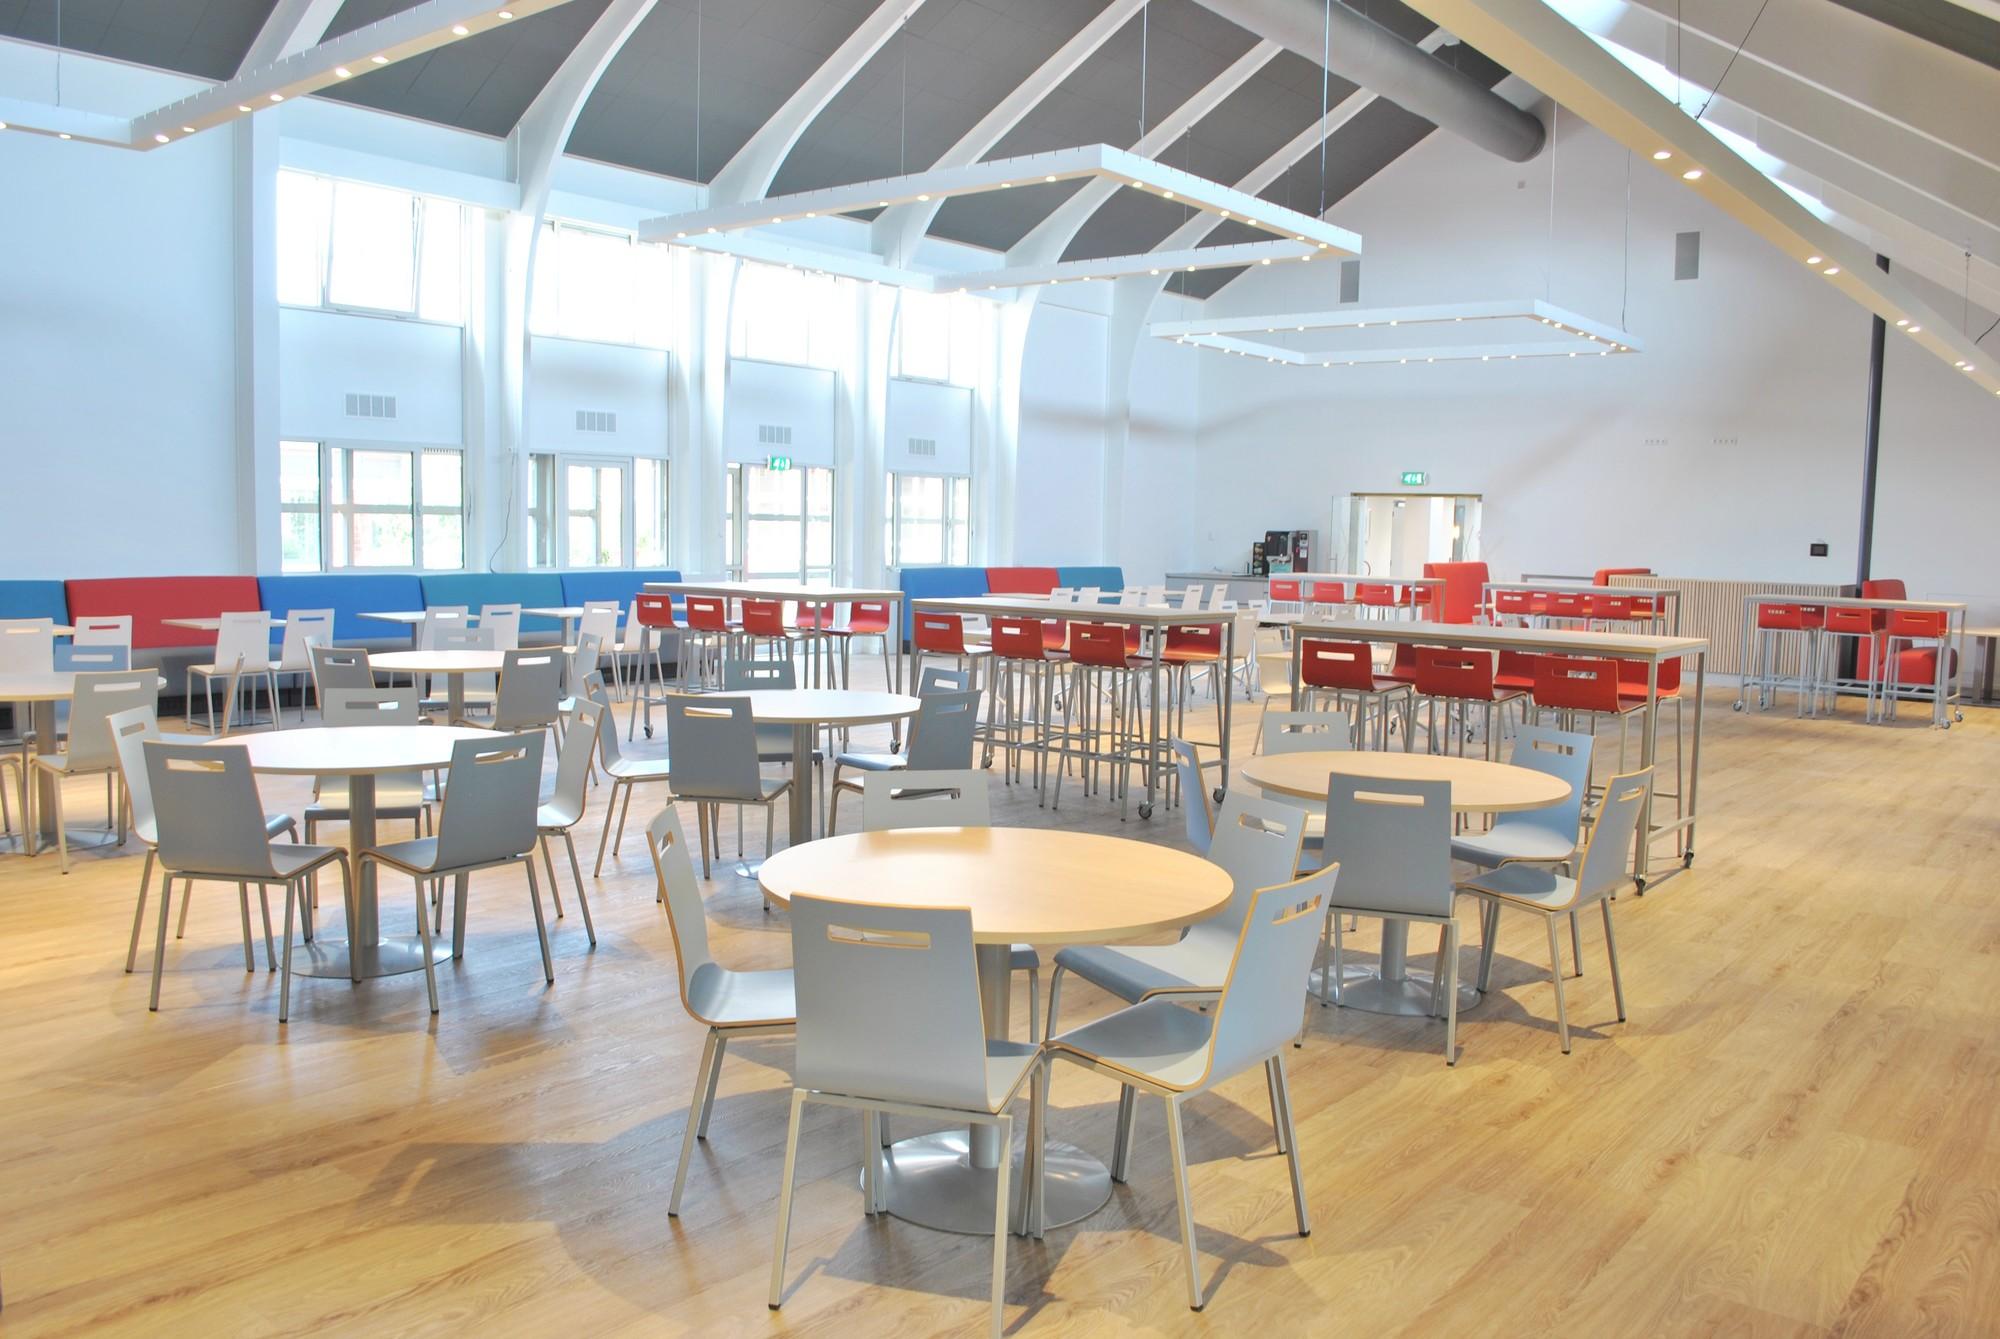 Kantine kpz uw projectinrichter voor kantoormeubilair - Kantoor houten school ...